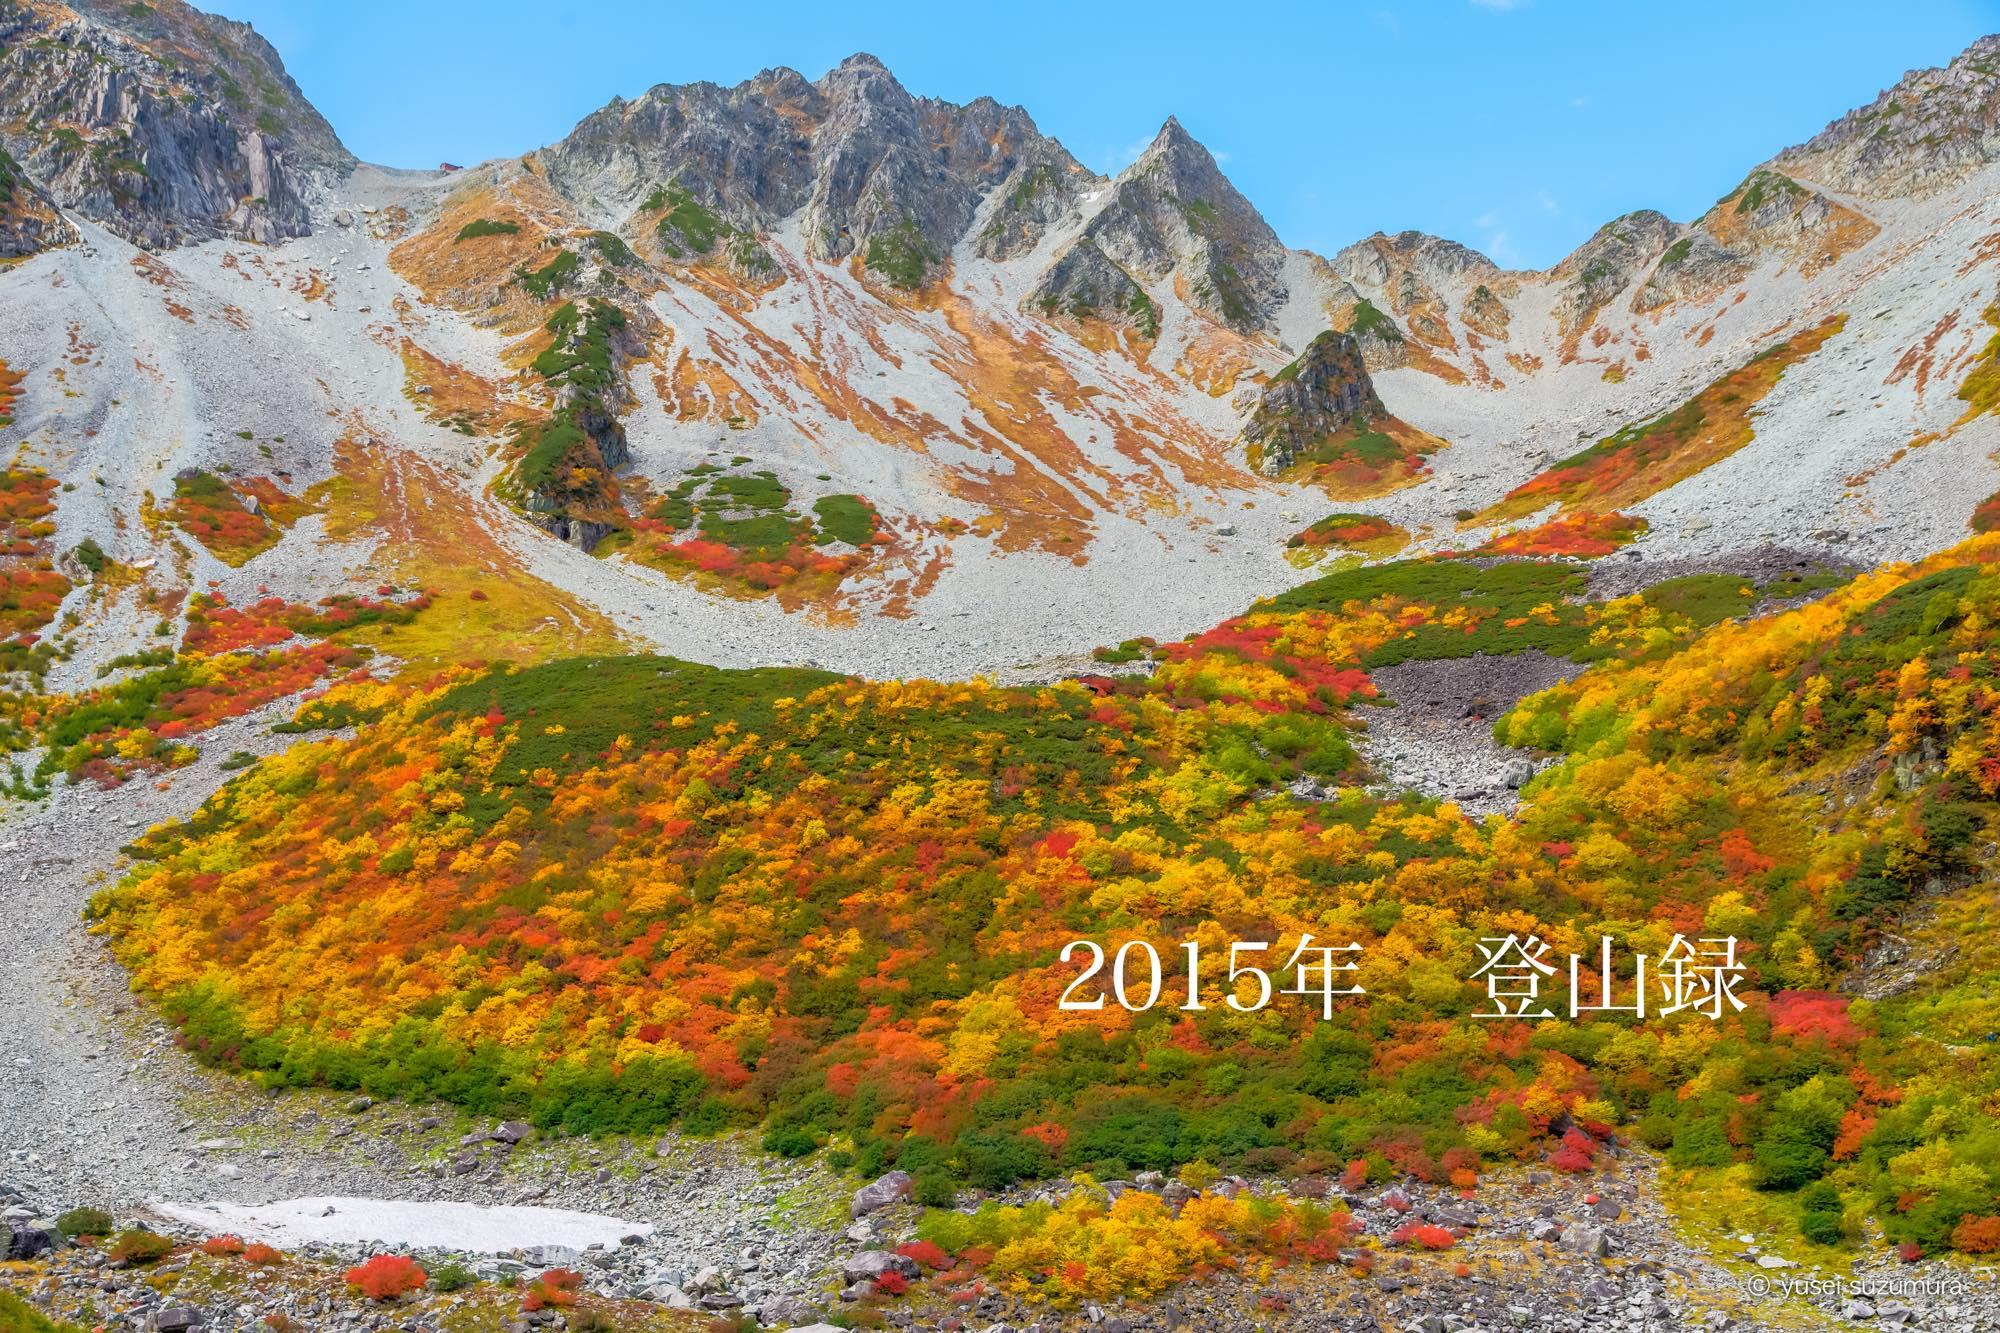 【まとめ】2015年登山録